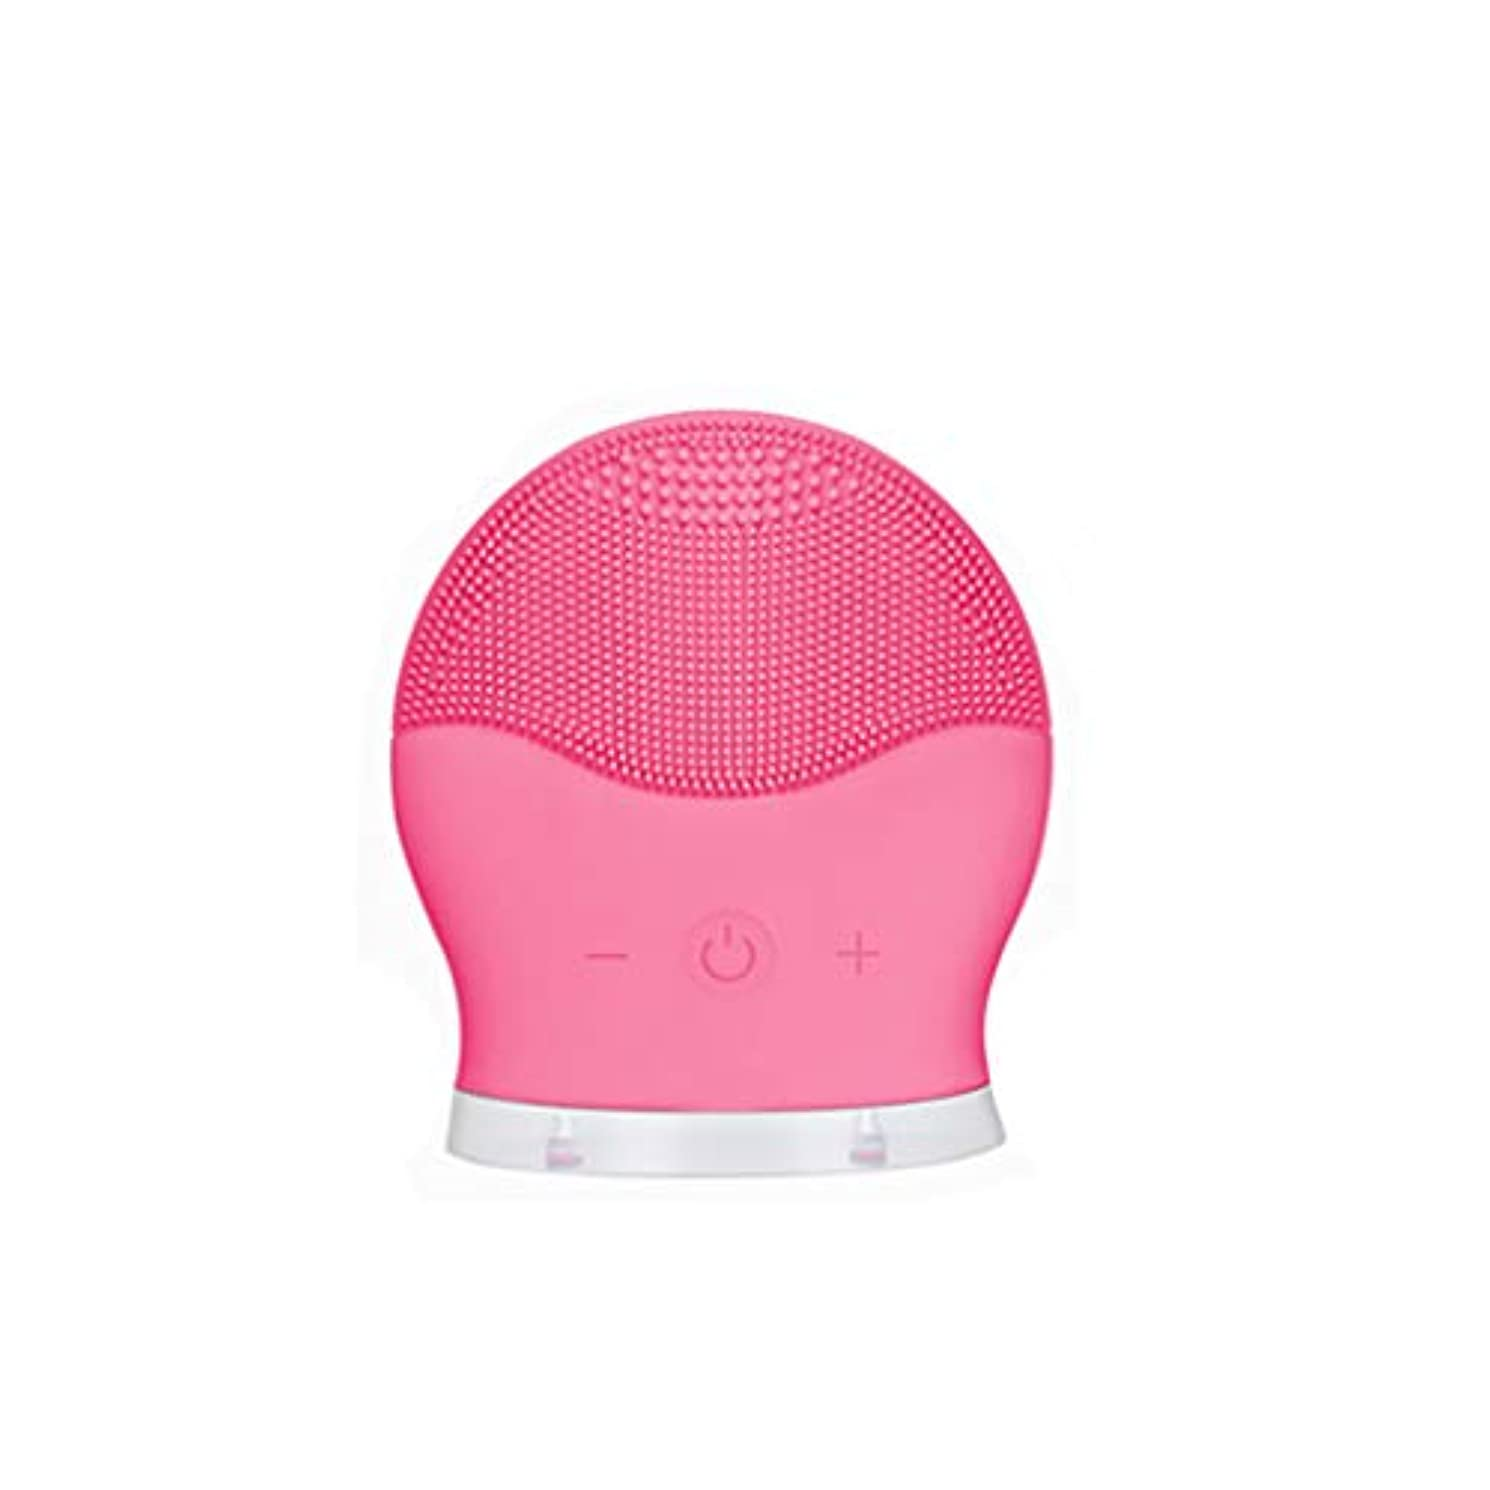 びん全能石膏ポータブル超音波振動シリコーンクレンジング機器、アンチエイジング顔マッサージ、毛穴を減らすために、皮膚を改善する剥離,Rosered